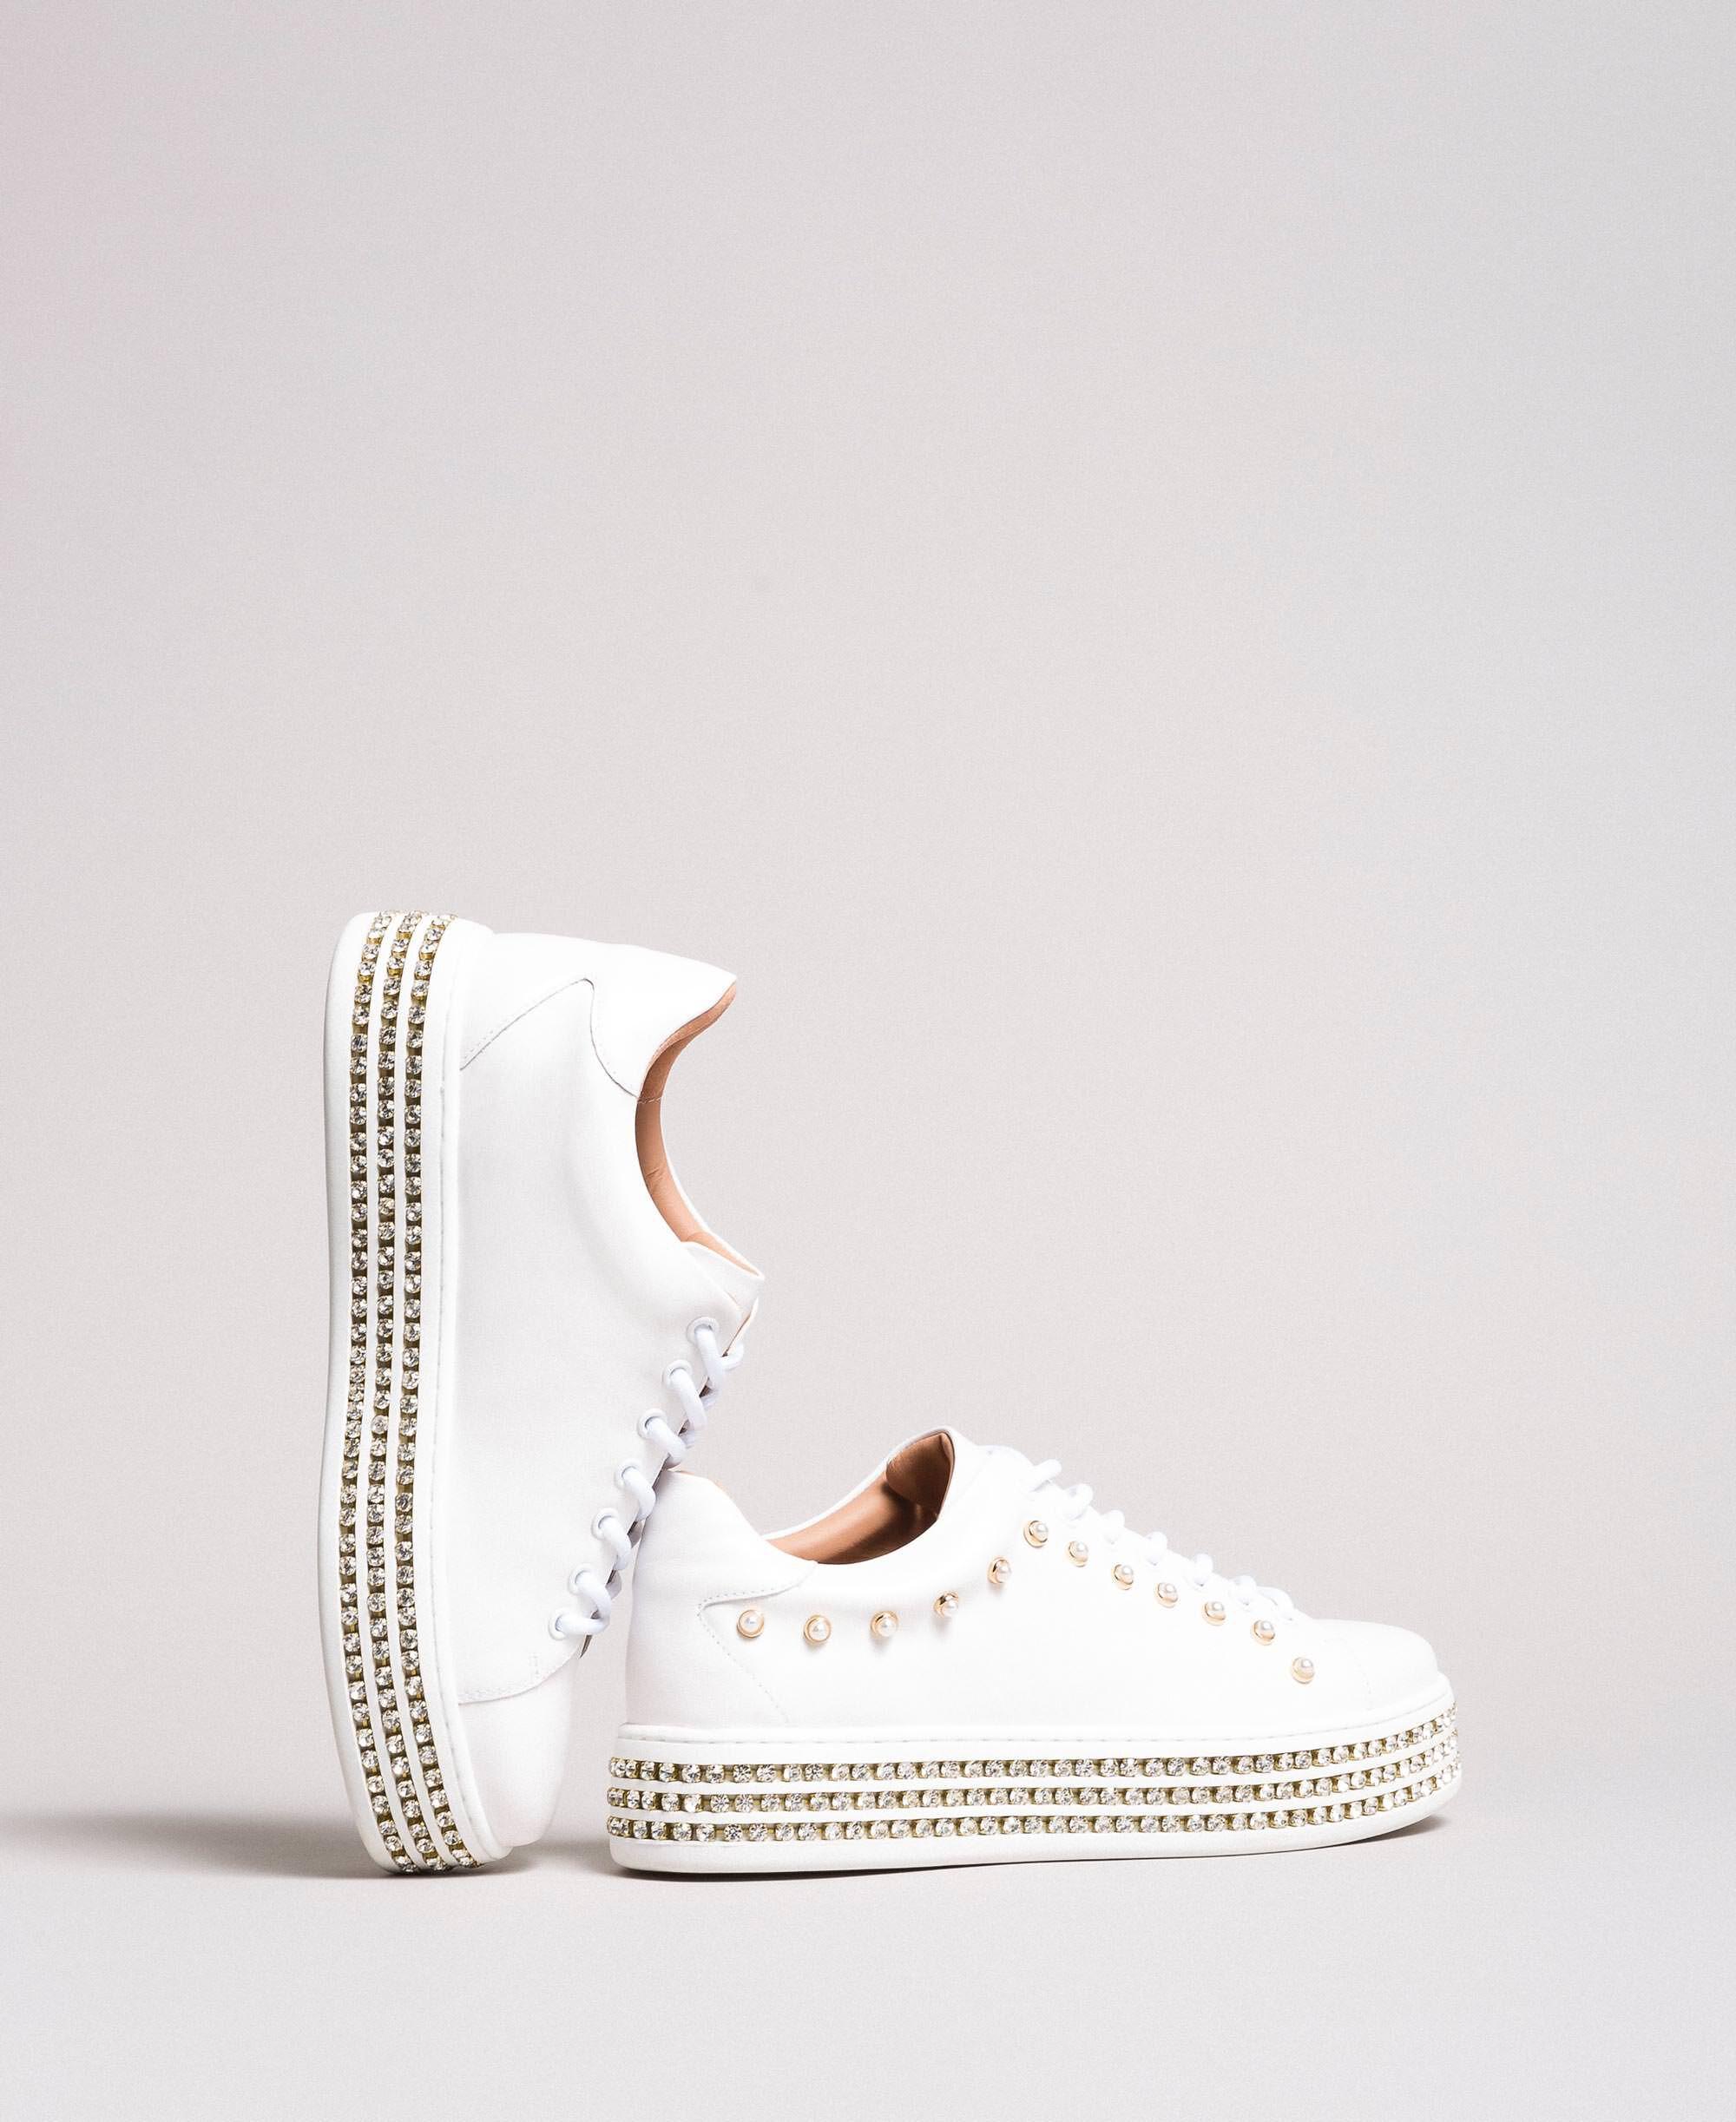 Leder Sneakers mit Strasssteinen und Perlen Frau, Weiß | TWINSET Milano